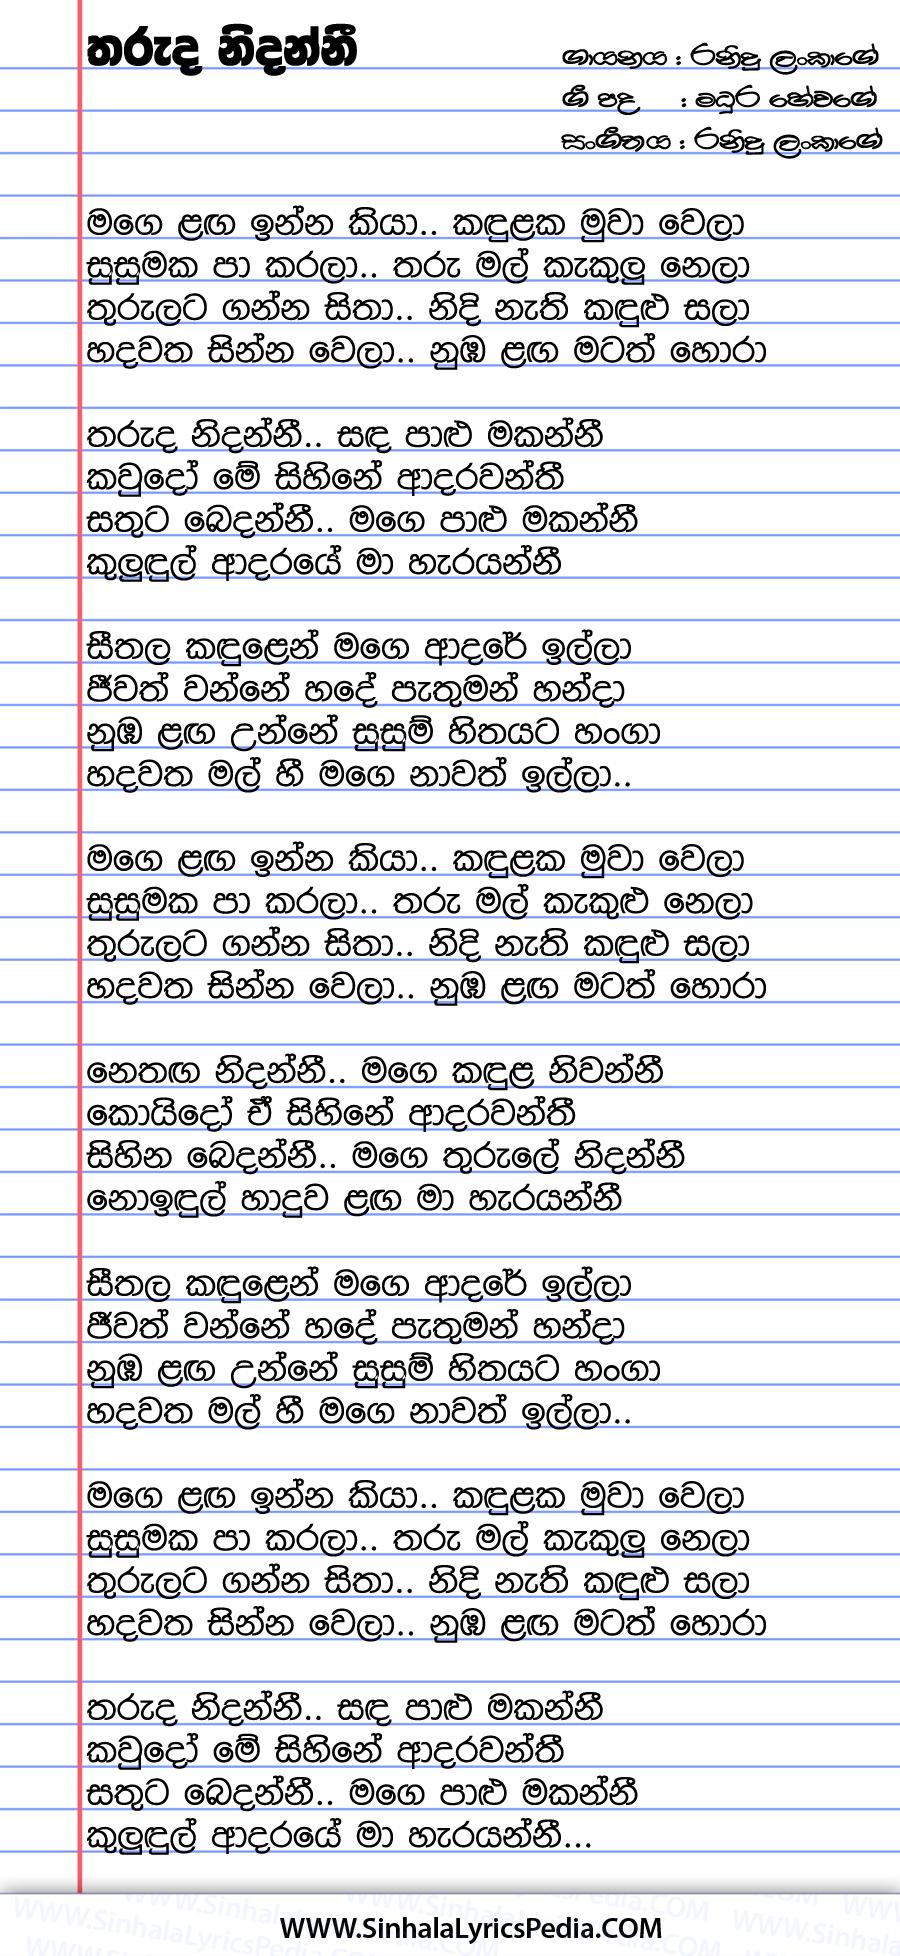 Tharuda Nidanni Song Lyrics